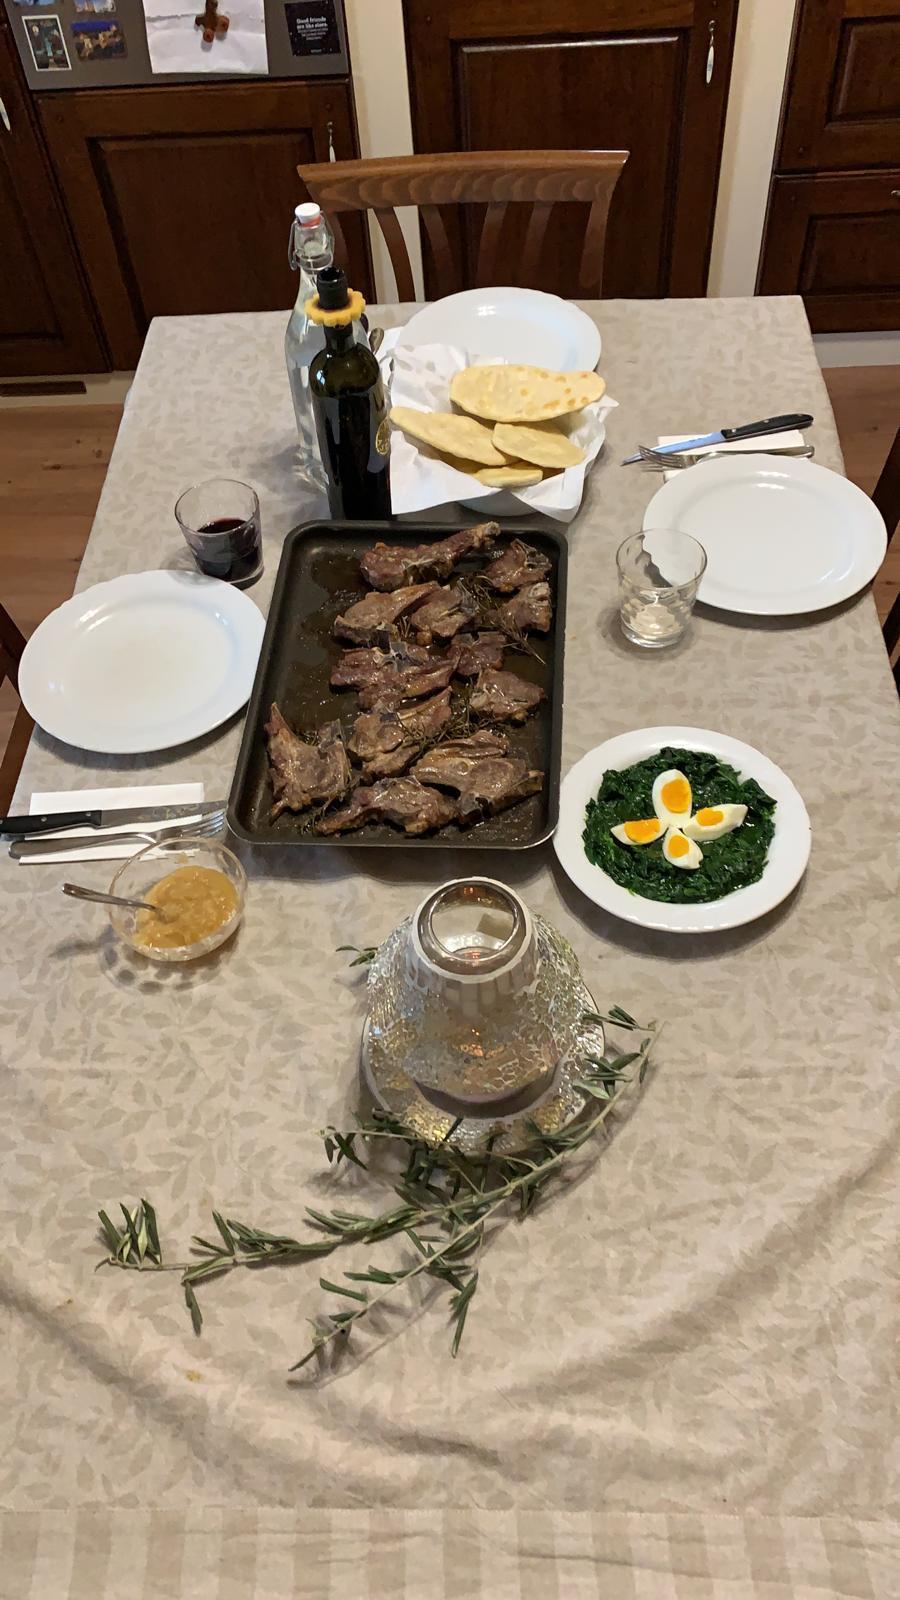 Cena pasquale ebraica 2020 (1)